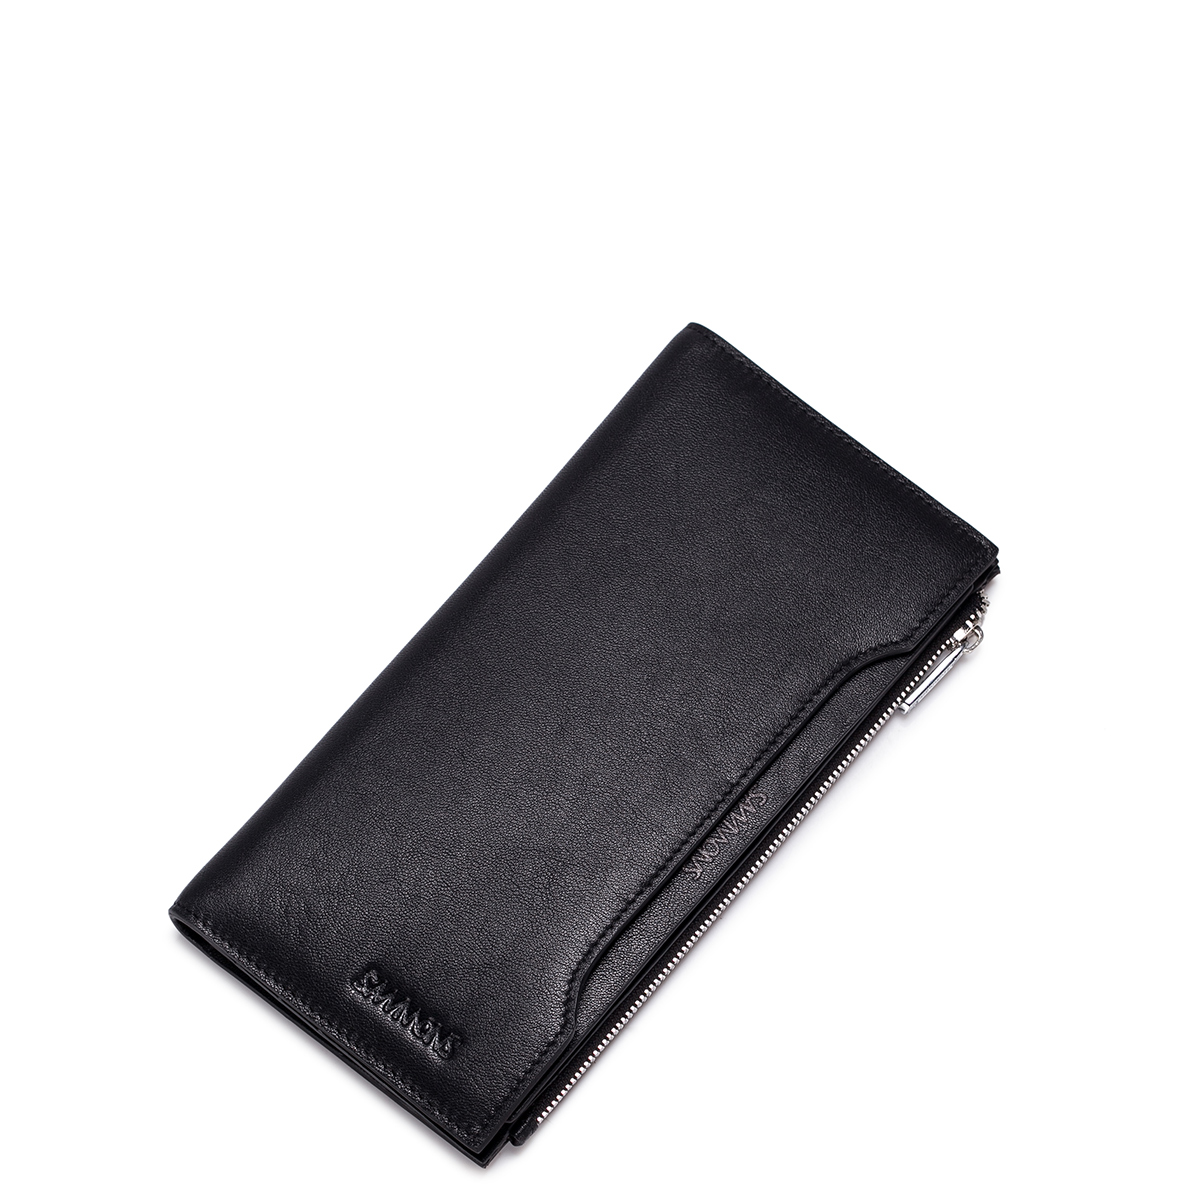 Velká pánská kožená peněženka Sammons Elegance černá